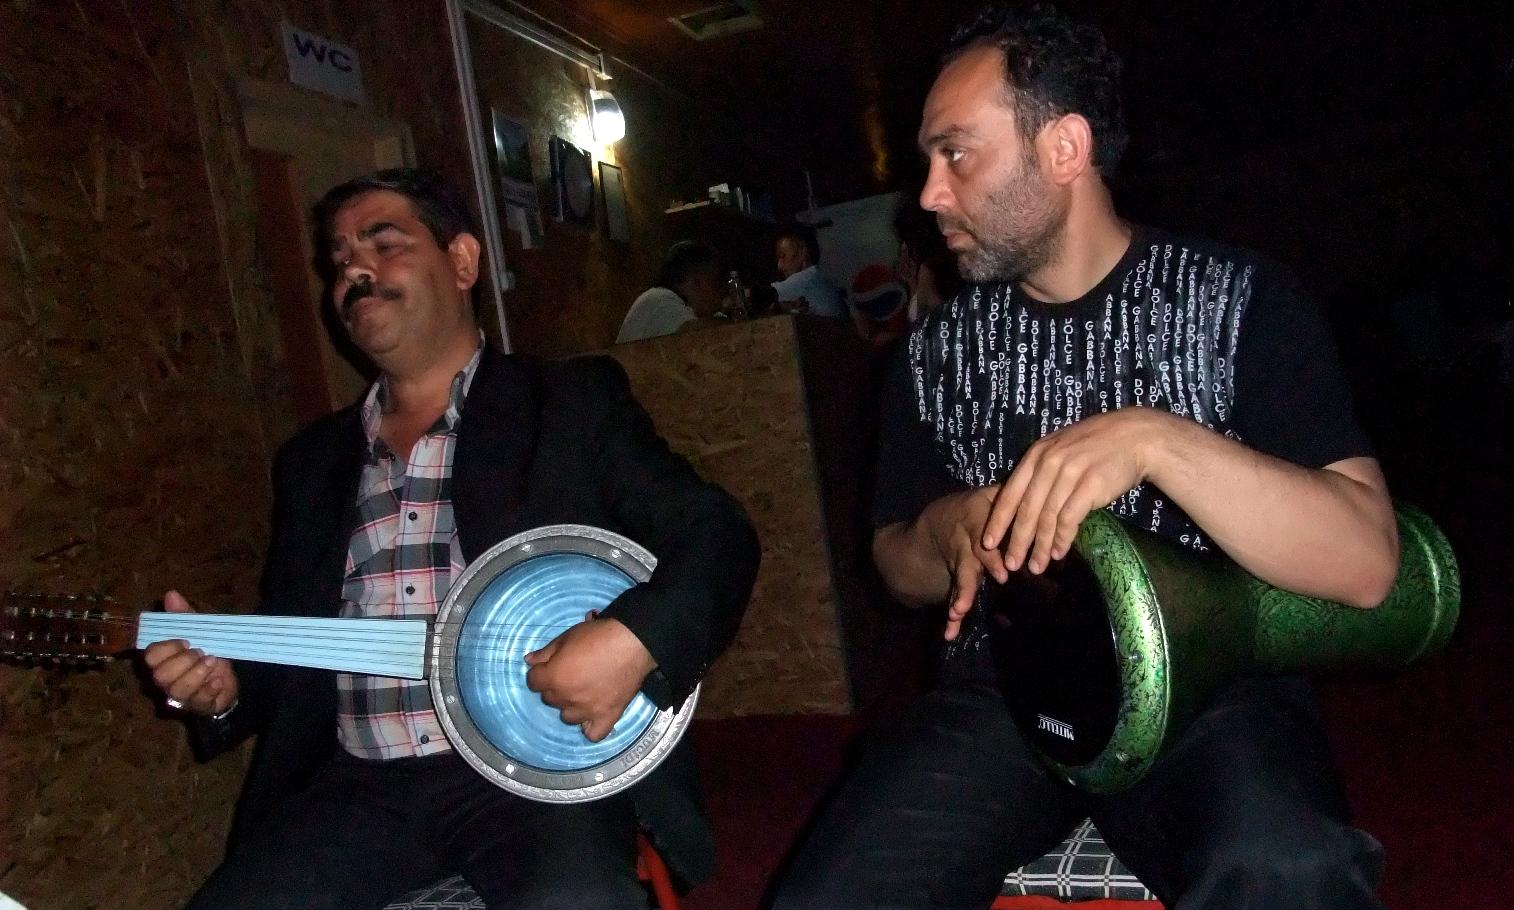 Musiker in einer kleinen Bar am Schwarzen Meer!